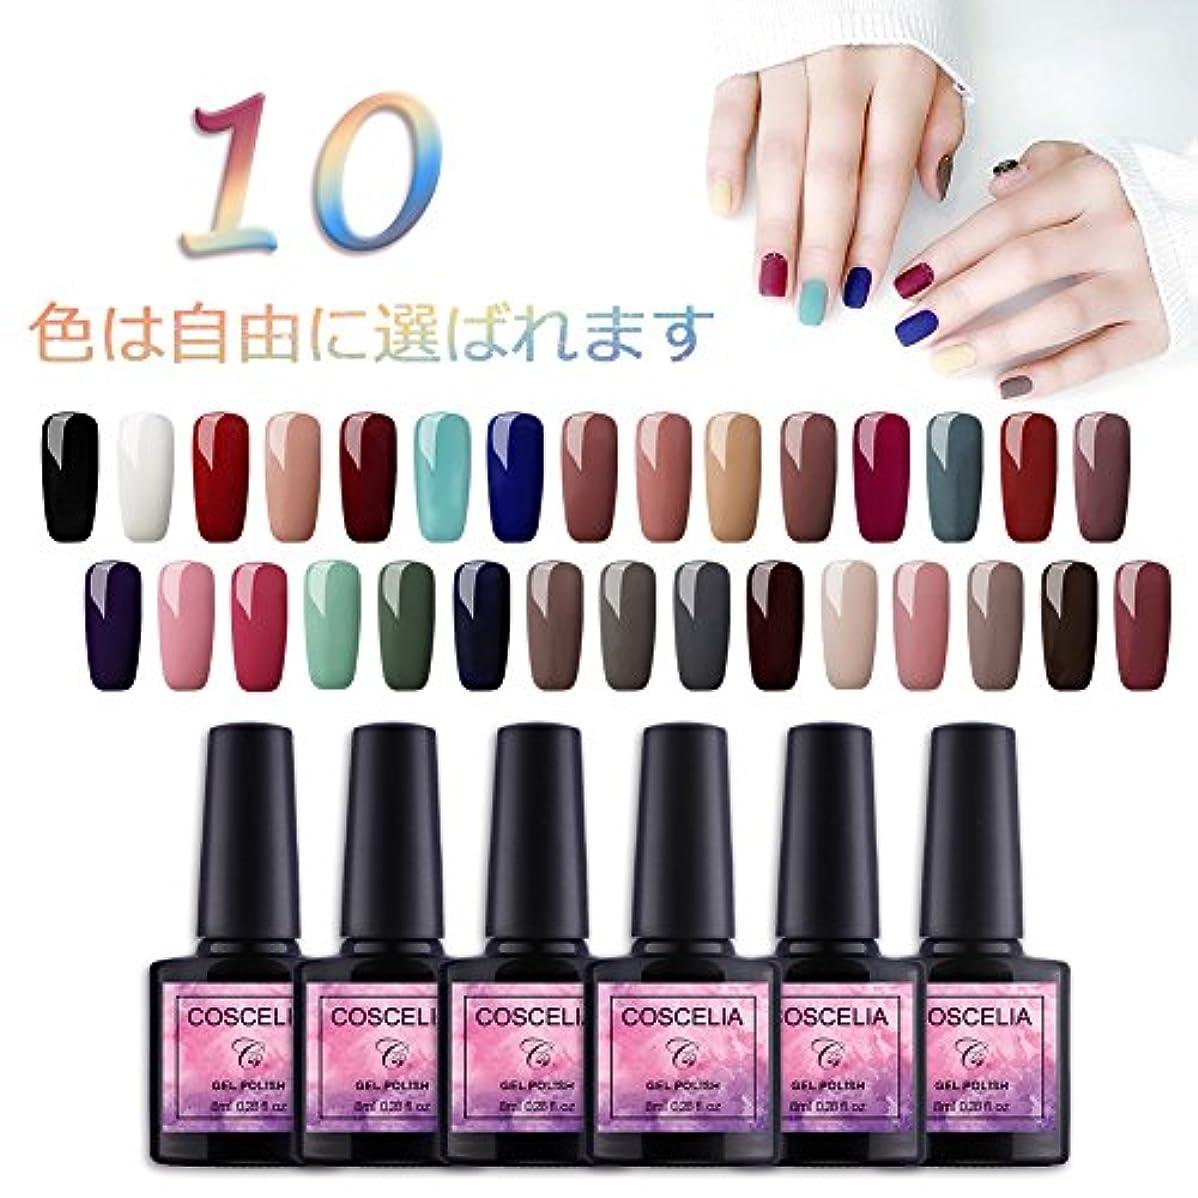 弾丸かけがえのないレパートリーTwinkle Store カラージェル 10色套装 8 ml ジェルネイルカラー UV/LED 适用 ネイルアートジェルで簡単に DIY 10色を自由に選ぶことができる